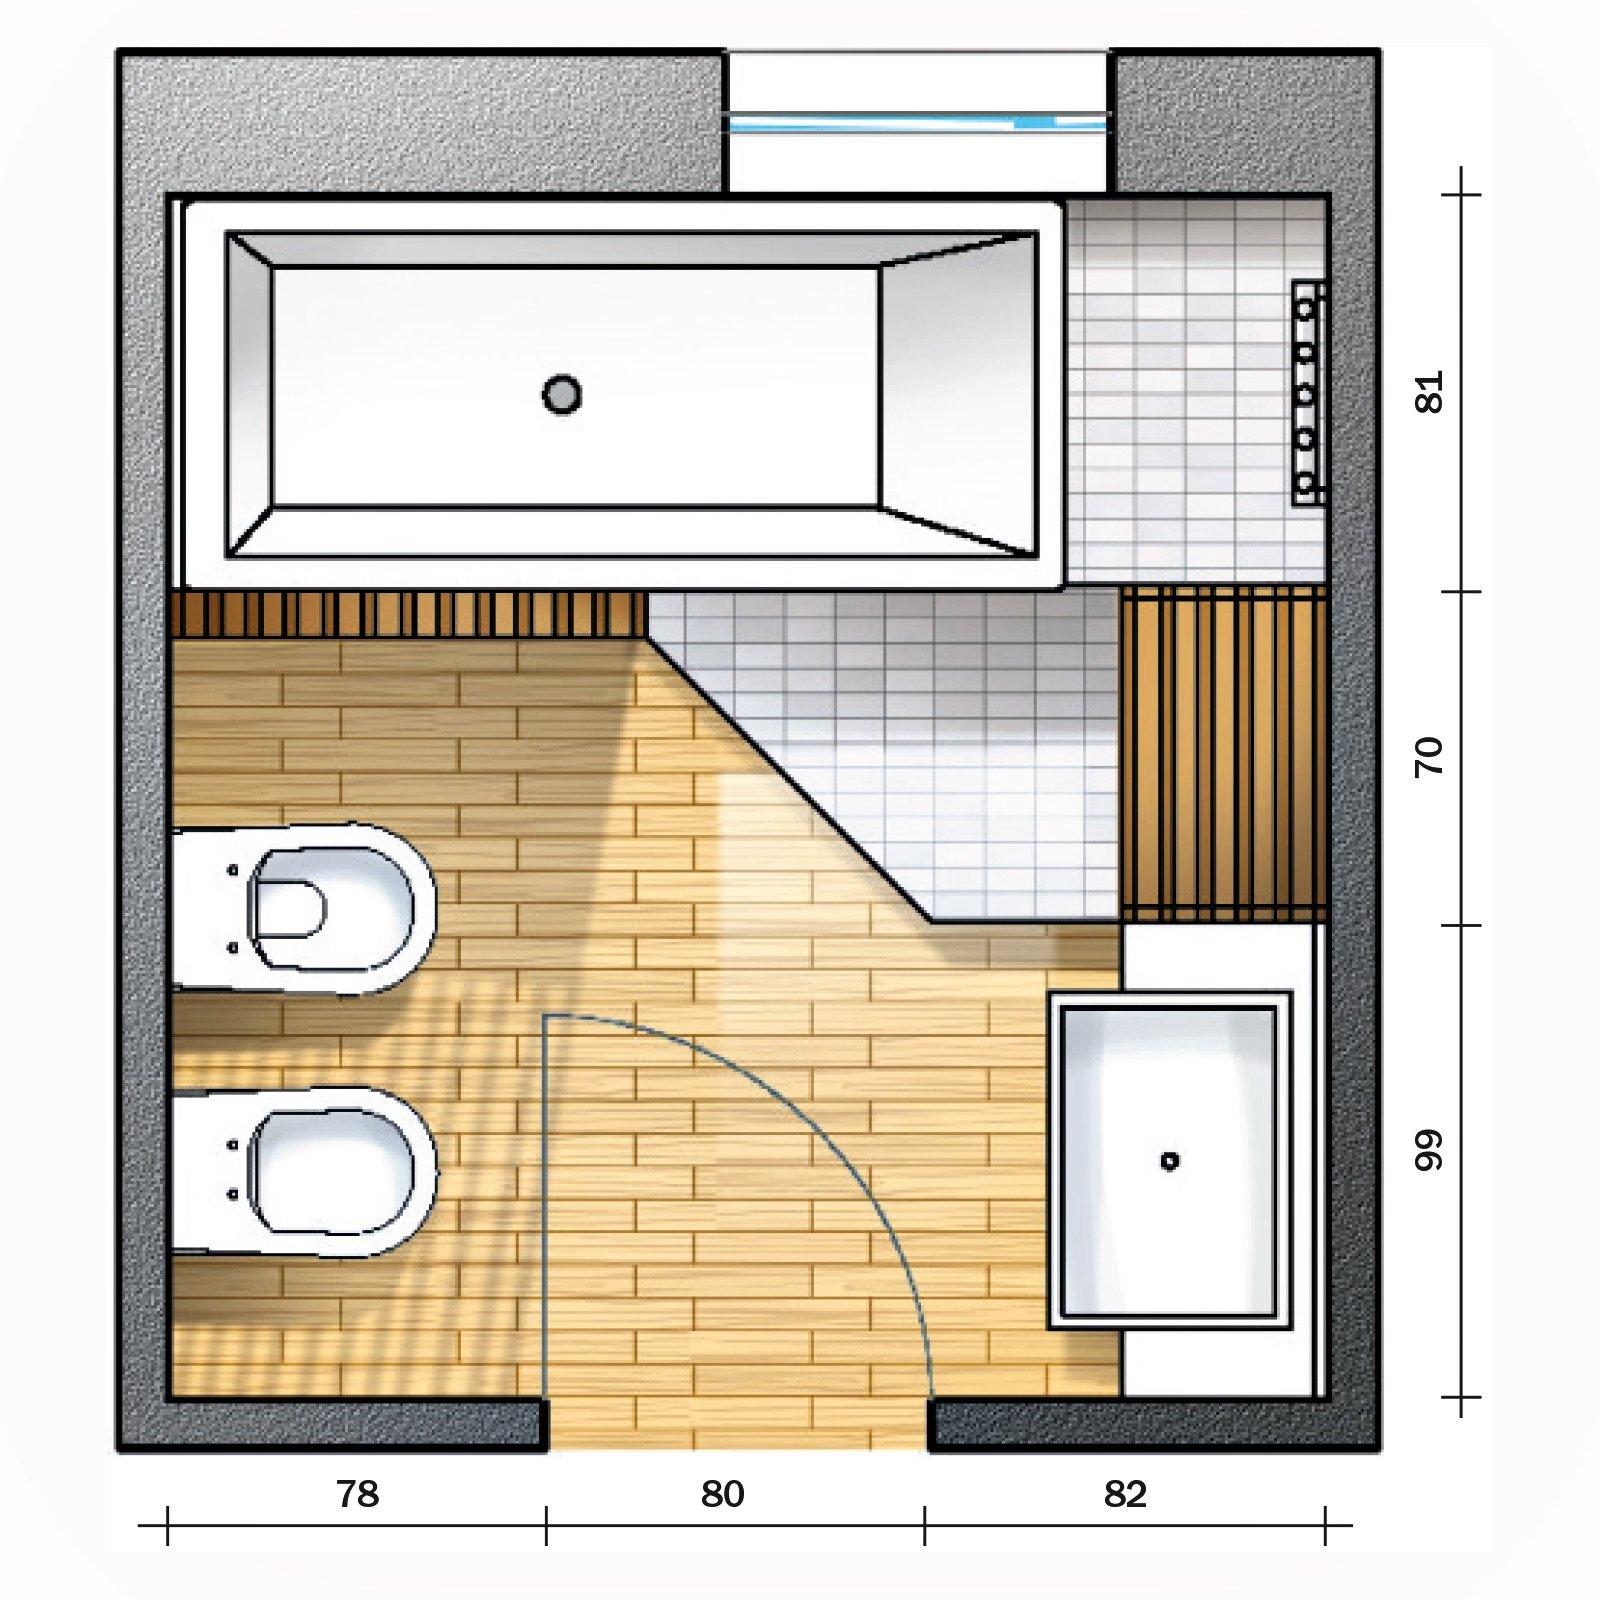 Bagno con pianta del progetto e costi dei lavori terza for Piccoli progetti di casa gratuiti